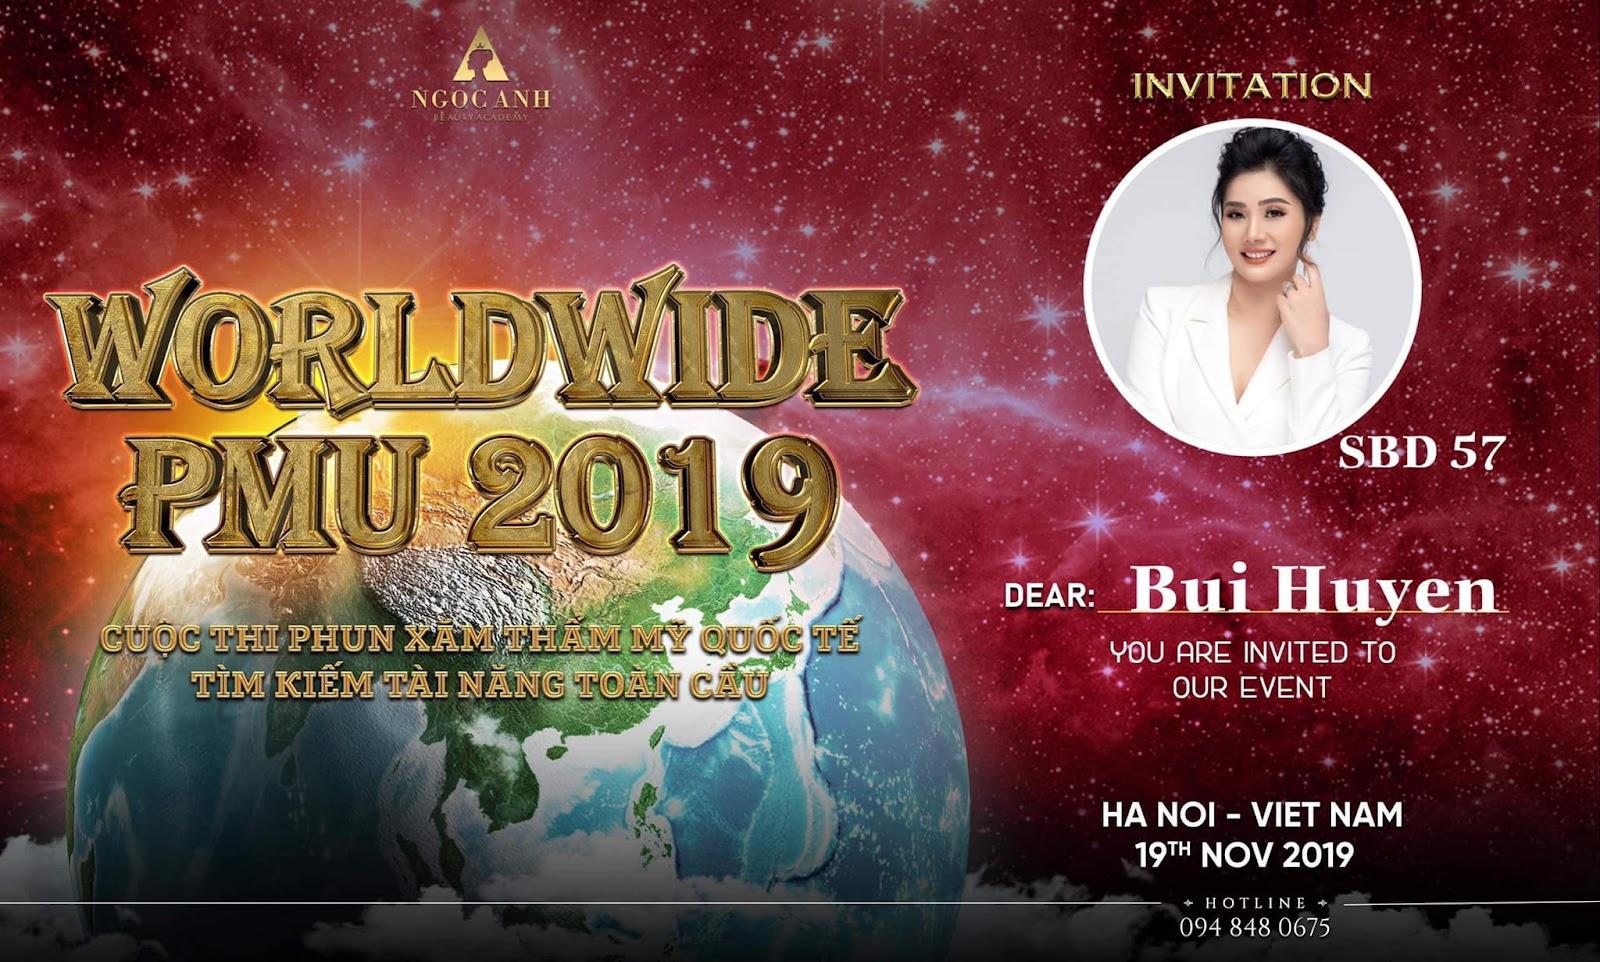 Chị Bùi Huyền tham gia cuộc thi phun xăm thẩm mỹ quốc tế.